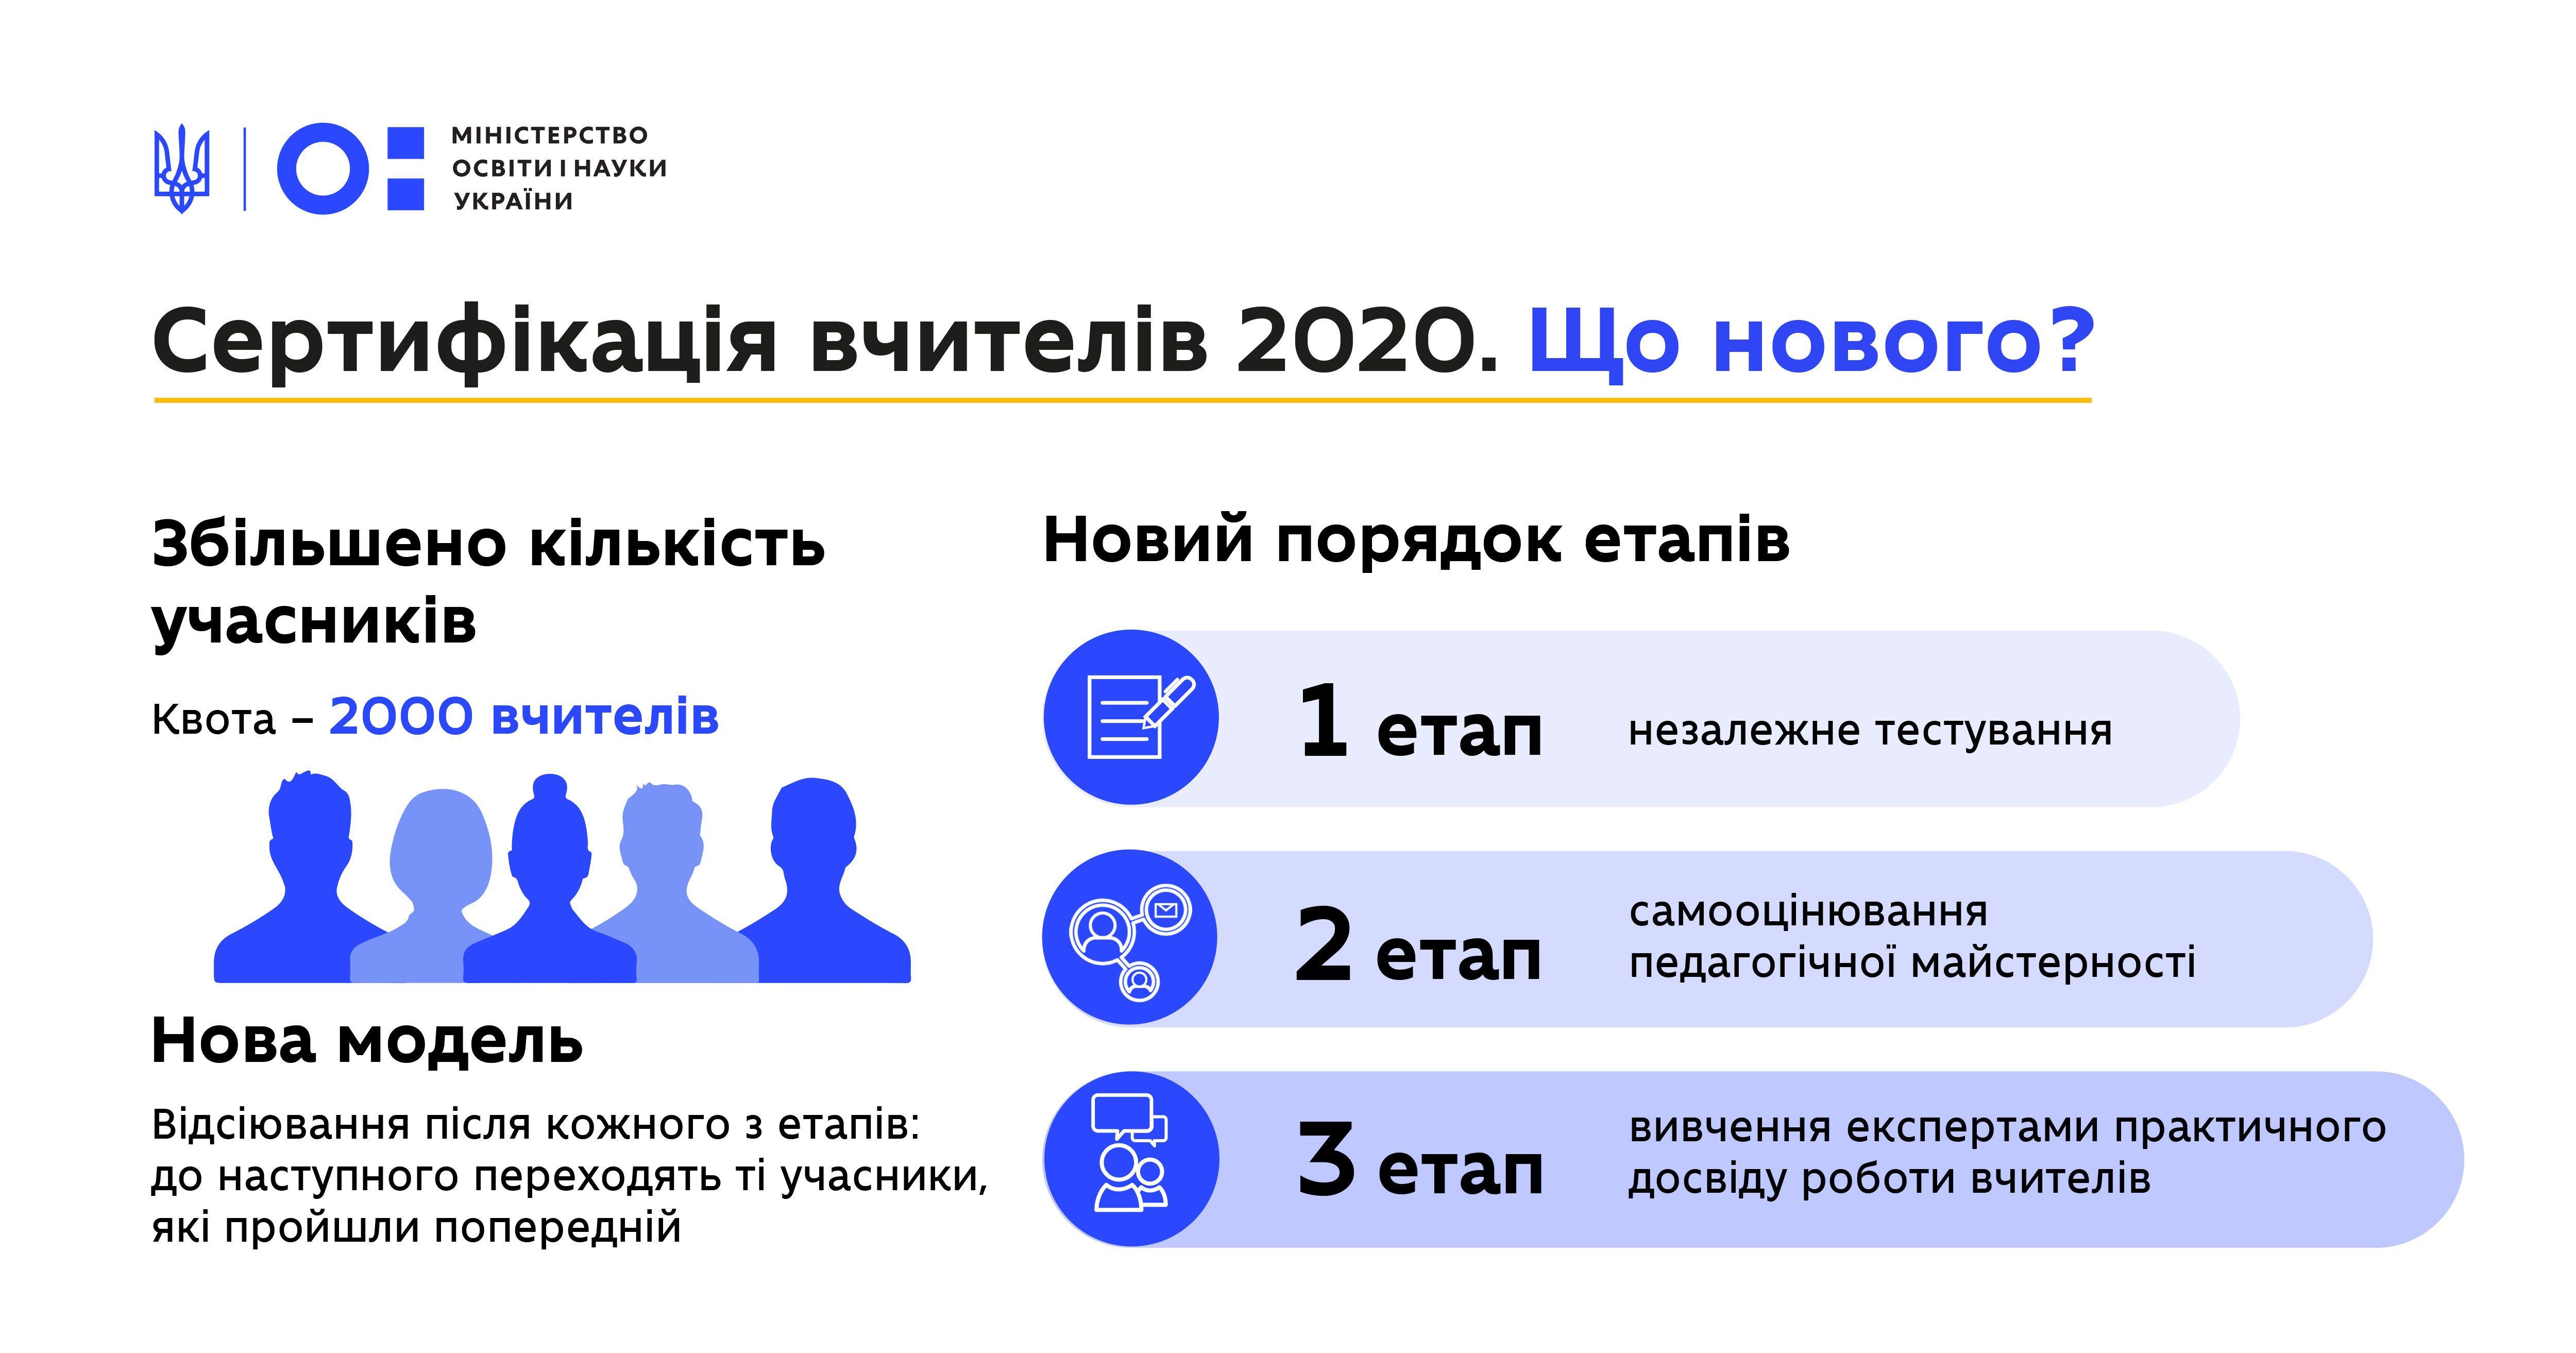 Сертифікація вчителів 2020 рік